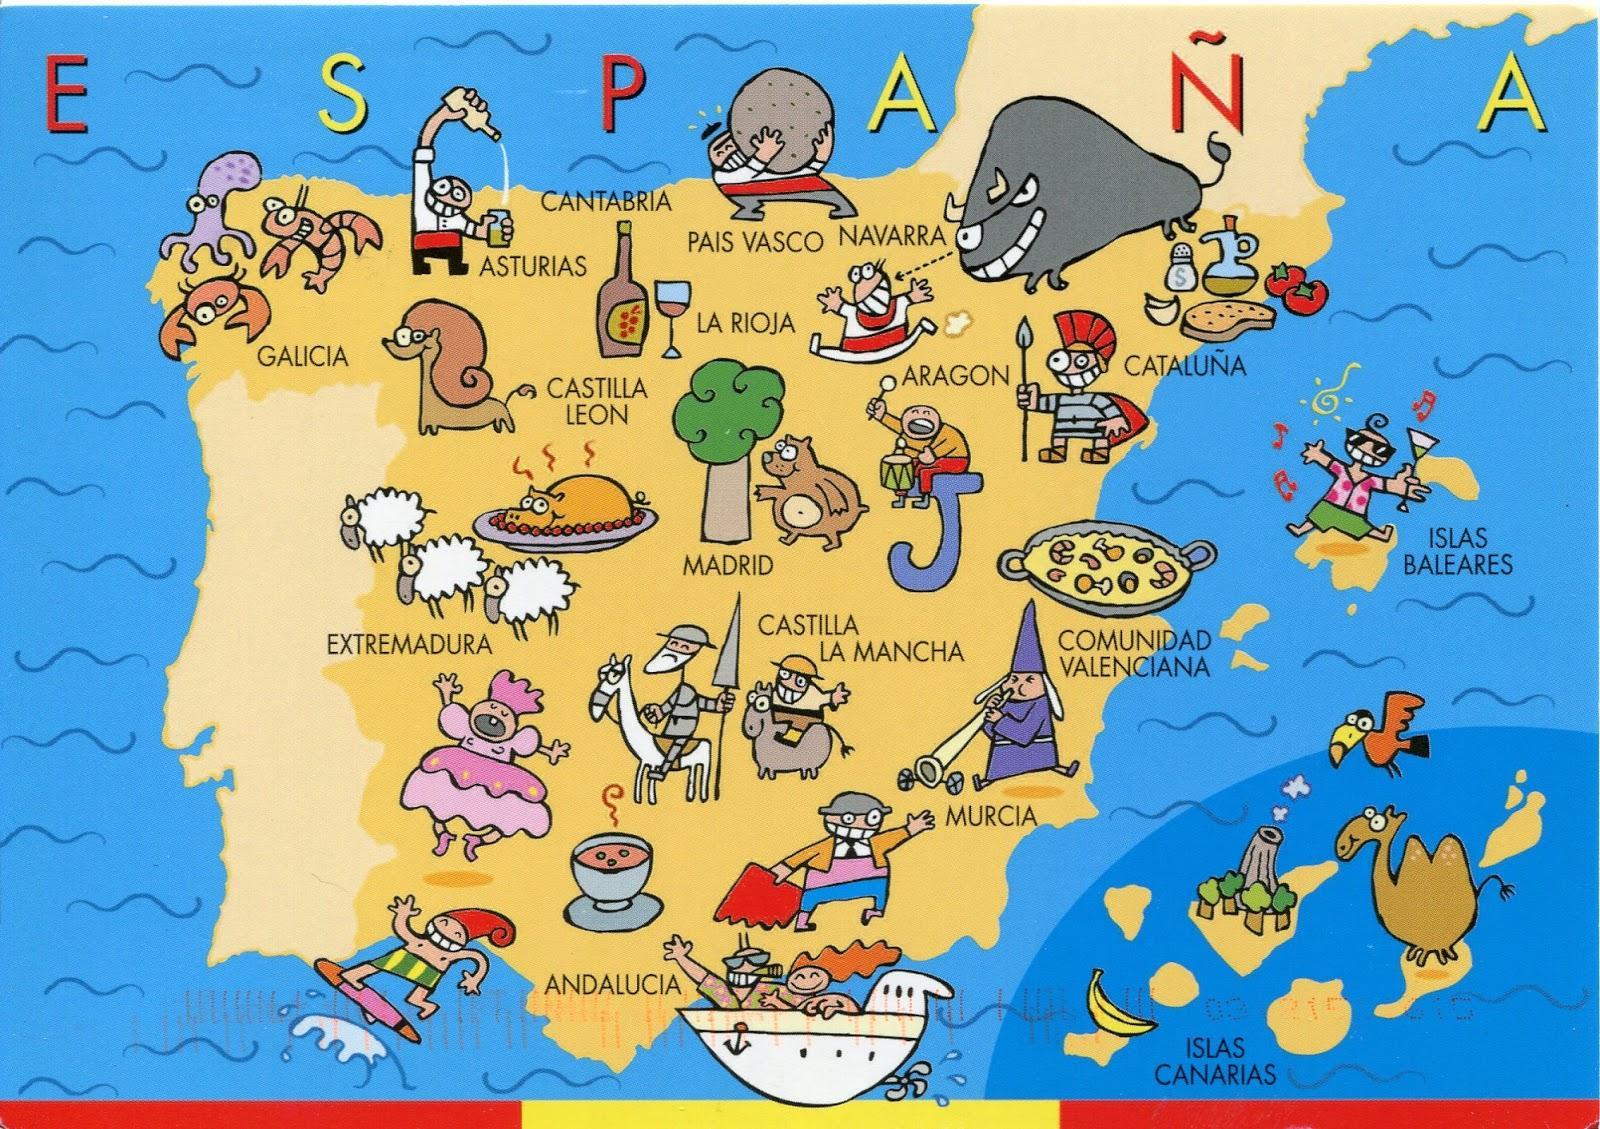 Carte De L'espagne Pour Les Enfants - Espagne Carte Pour Les avec Carte Europe Enfant